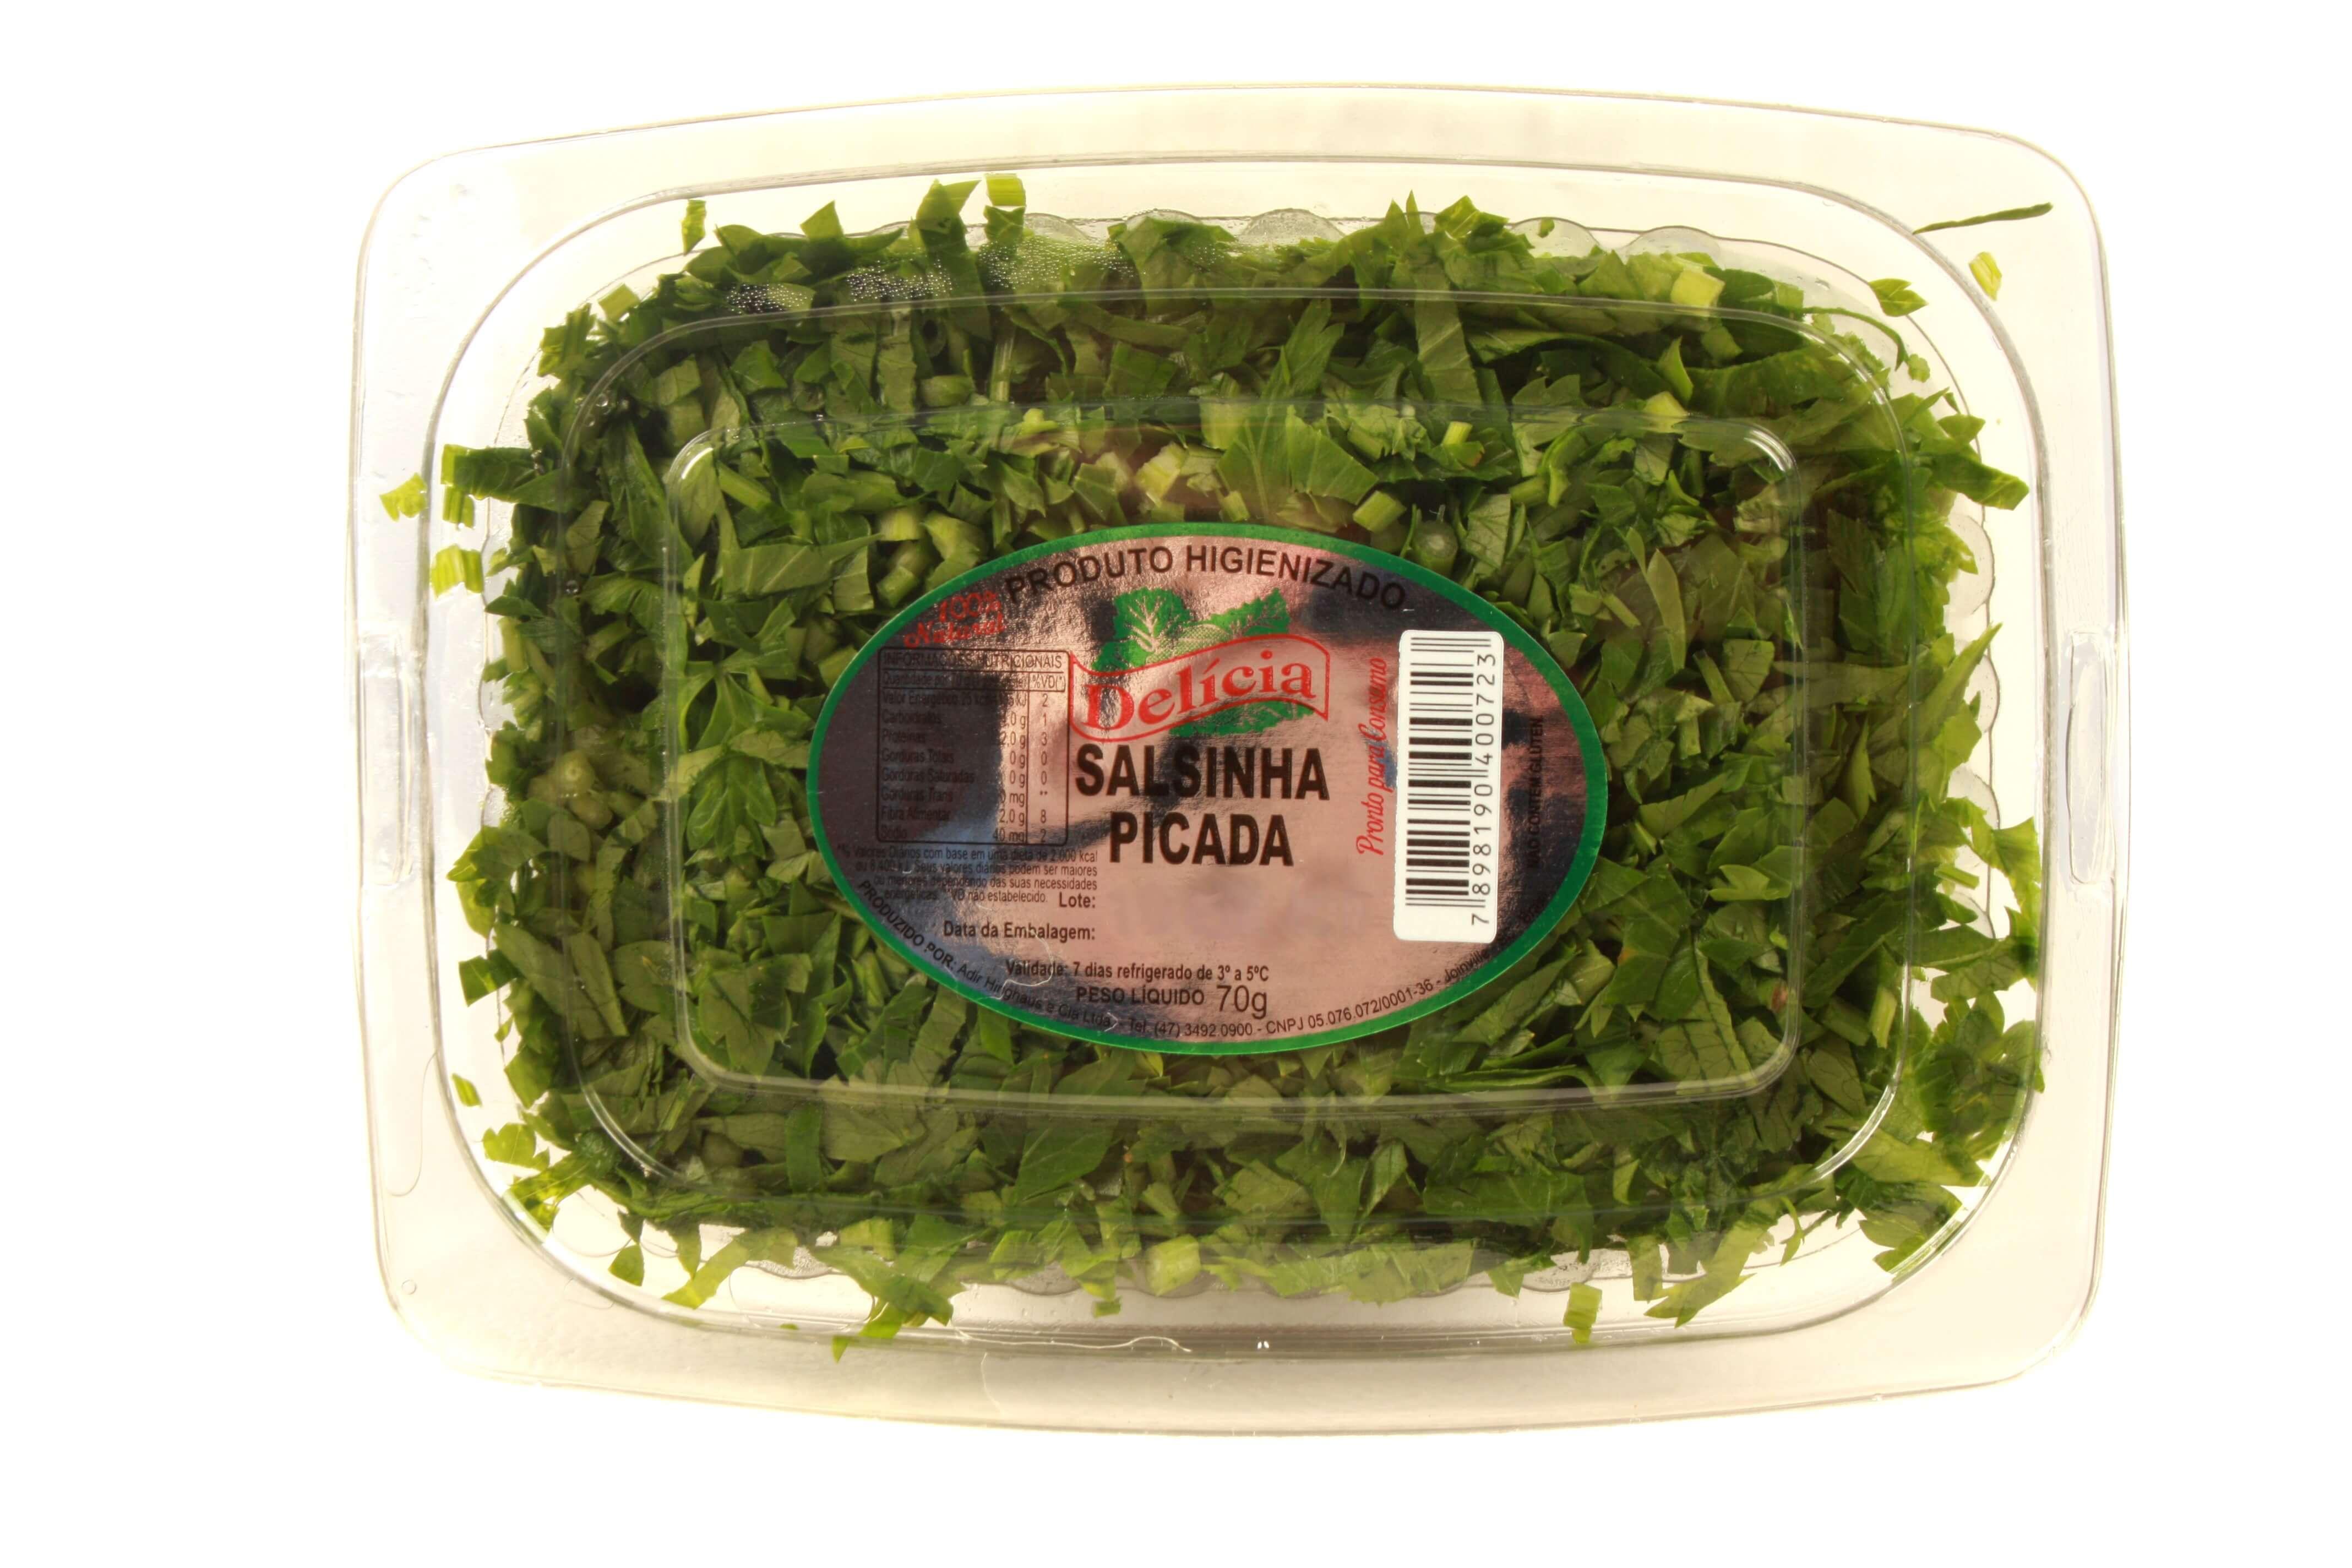 Salsinha Picada Delícia Higienizado 70 gramas